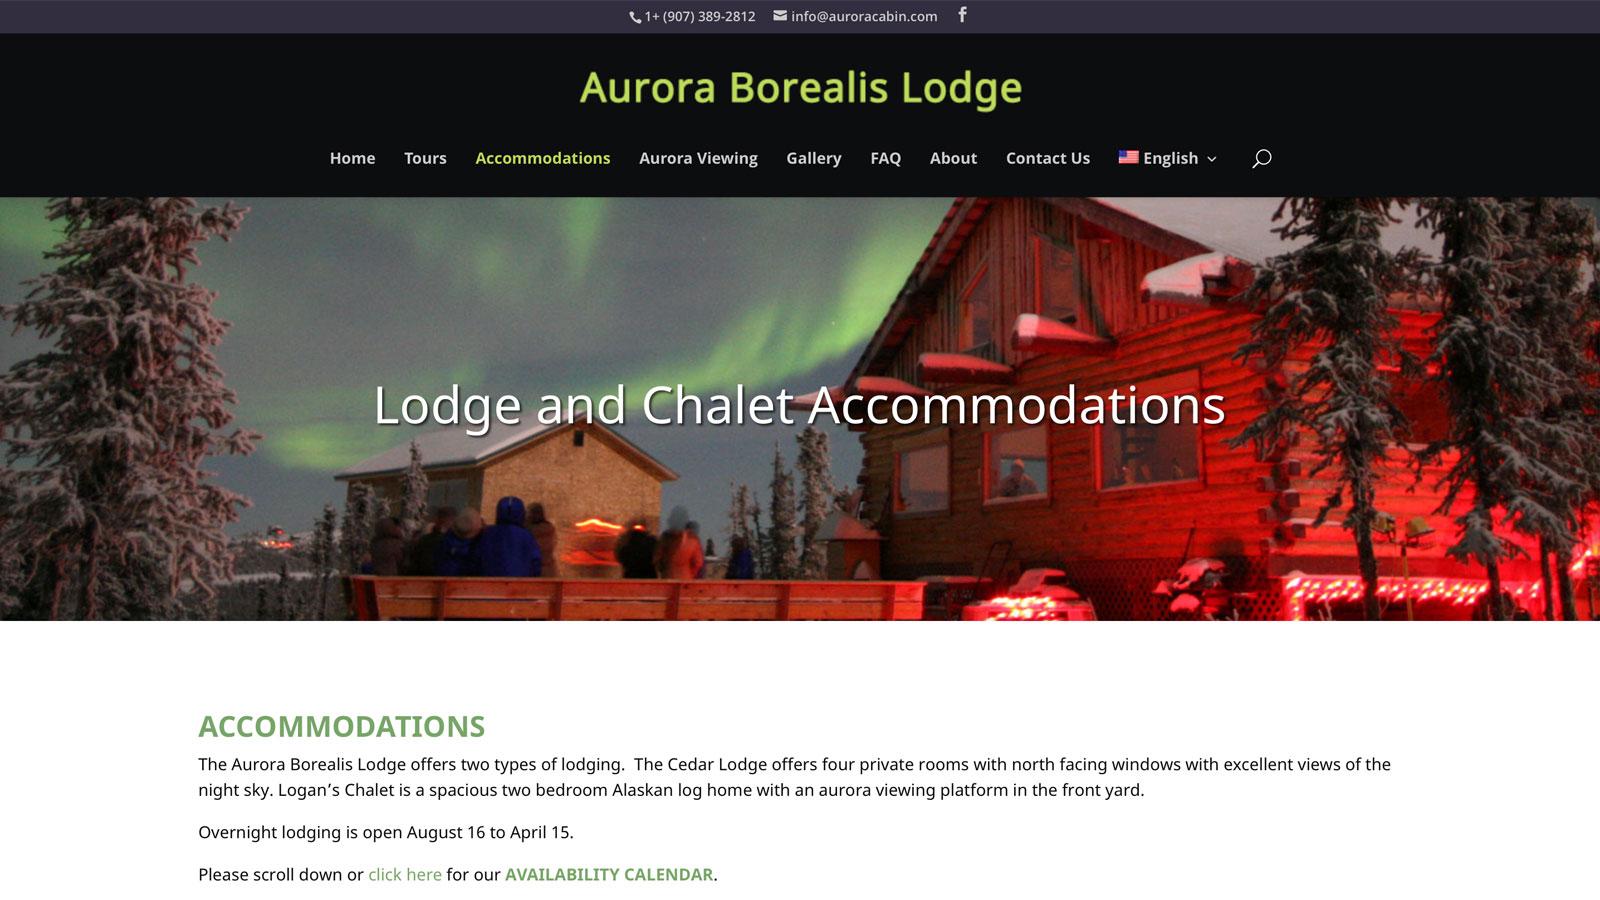 auroraborealislodge